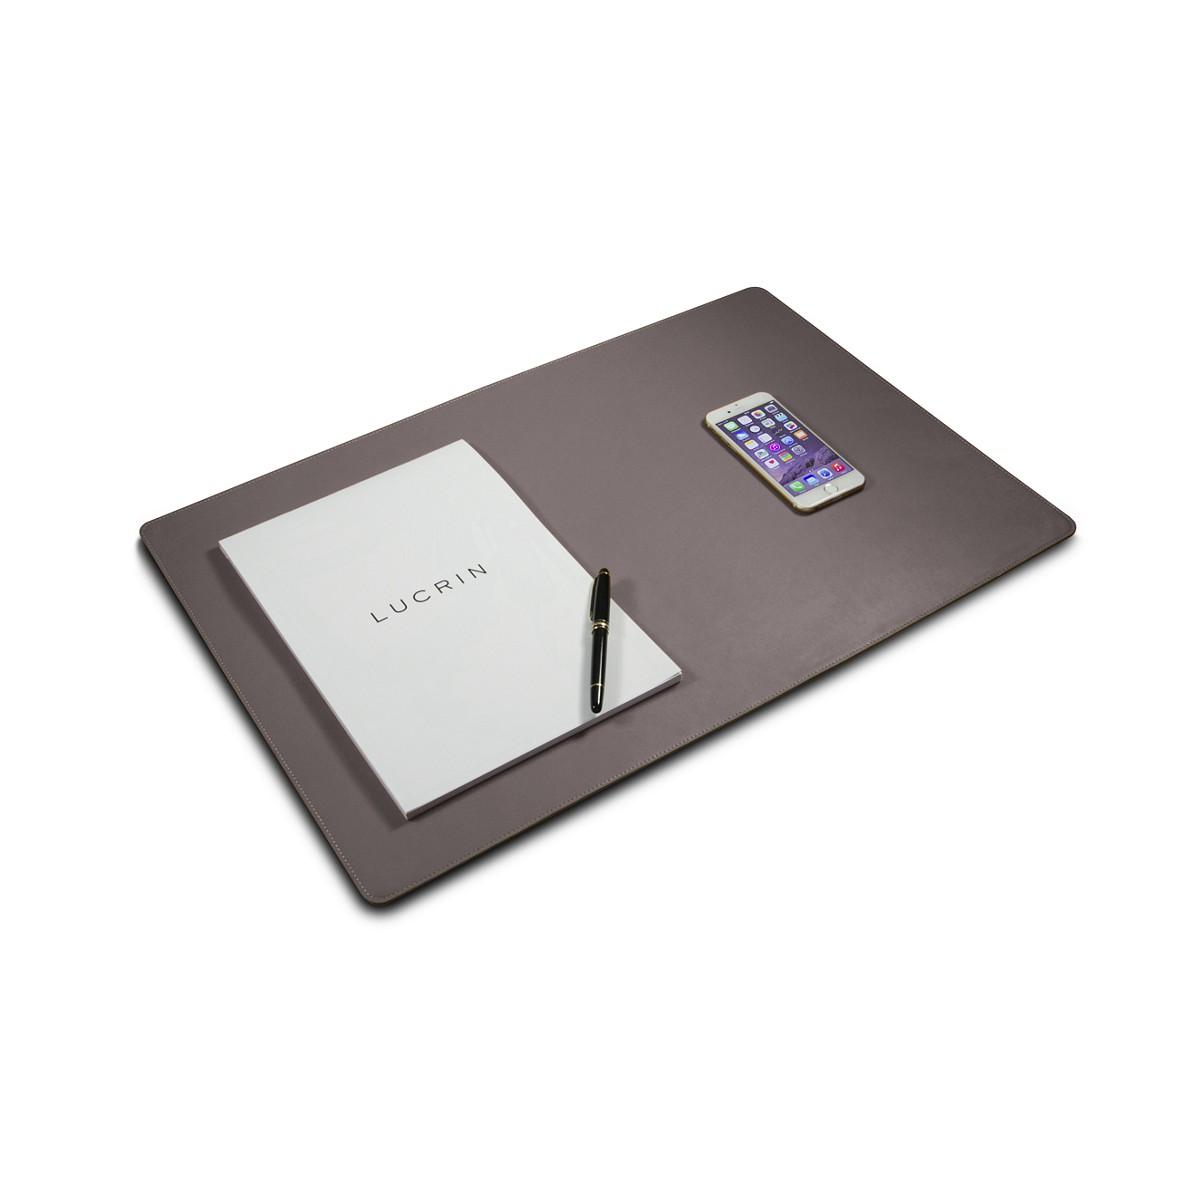 Soft desk pad 23.6 x 15.7 inches